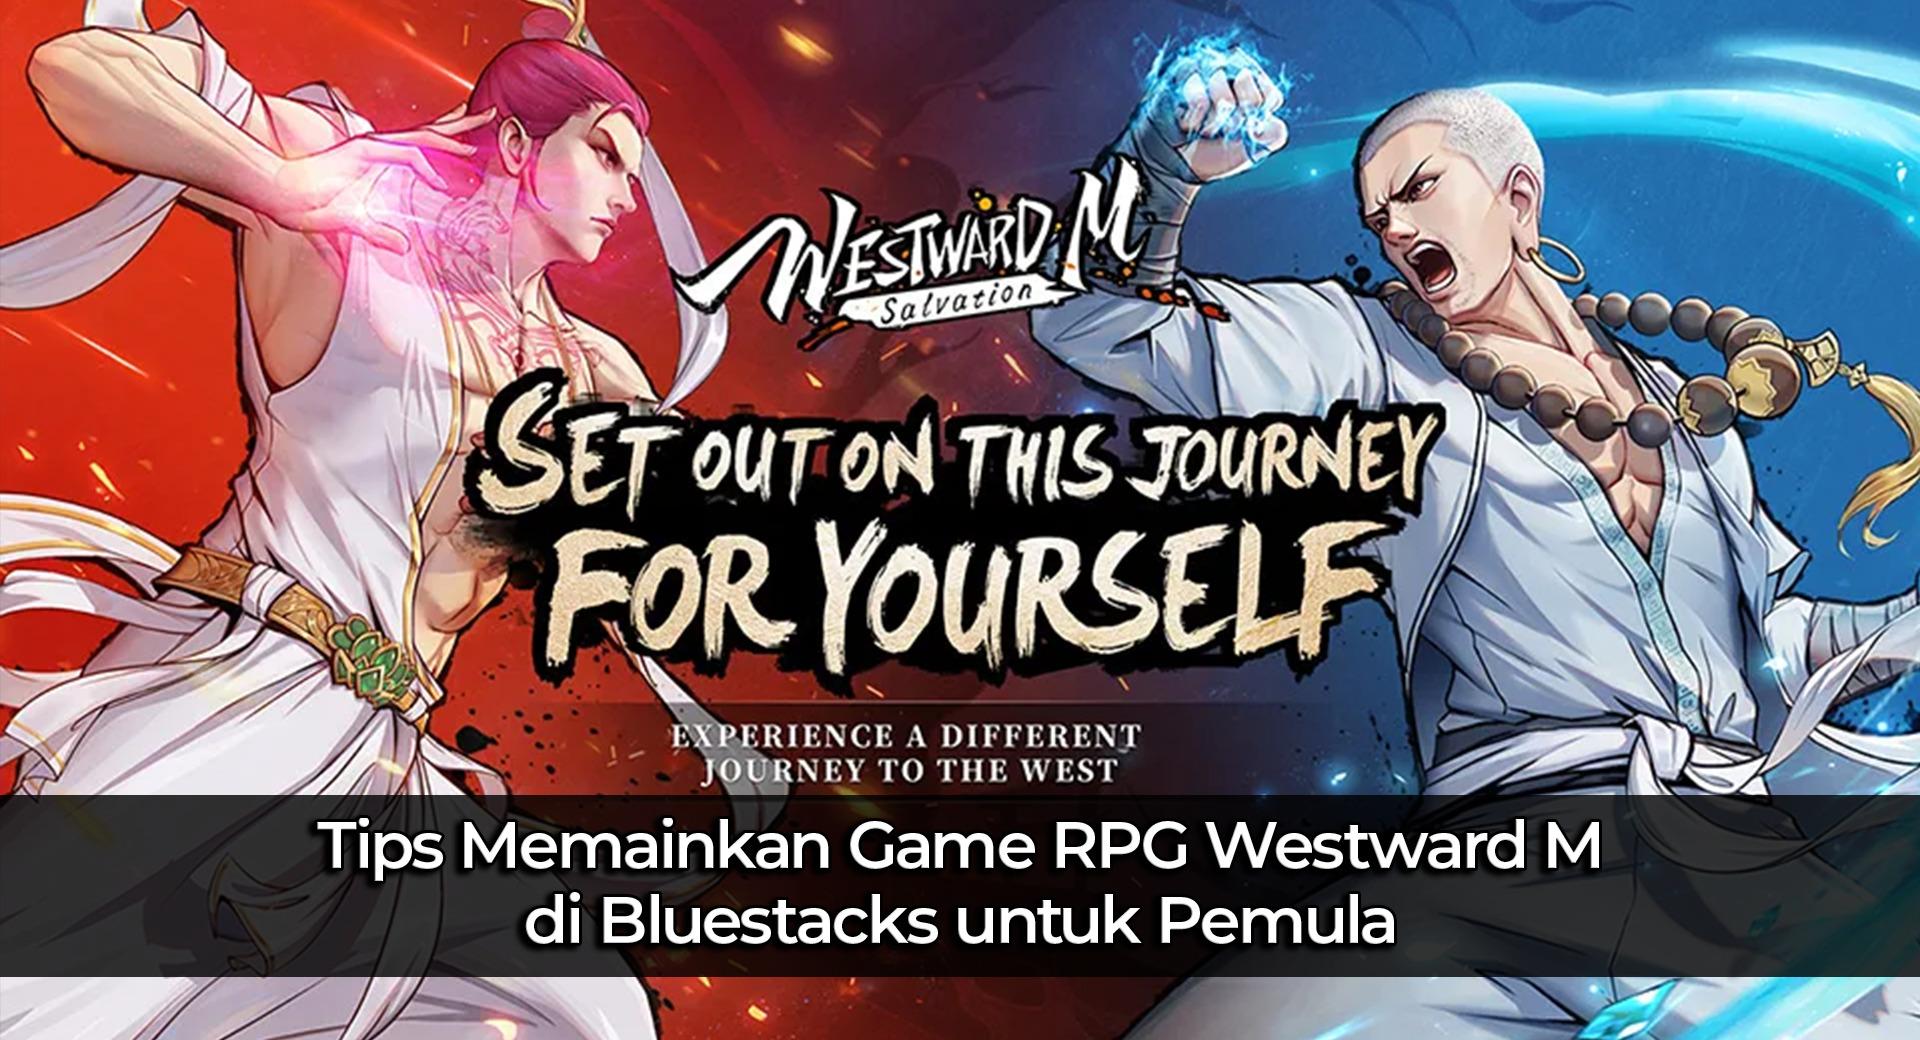 Tips Memainkan Game RPG Westward M di BlueStacks untuk Pemula